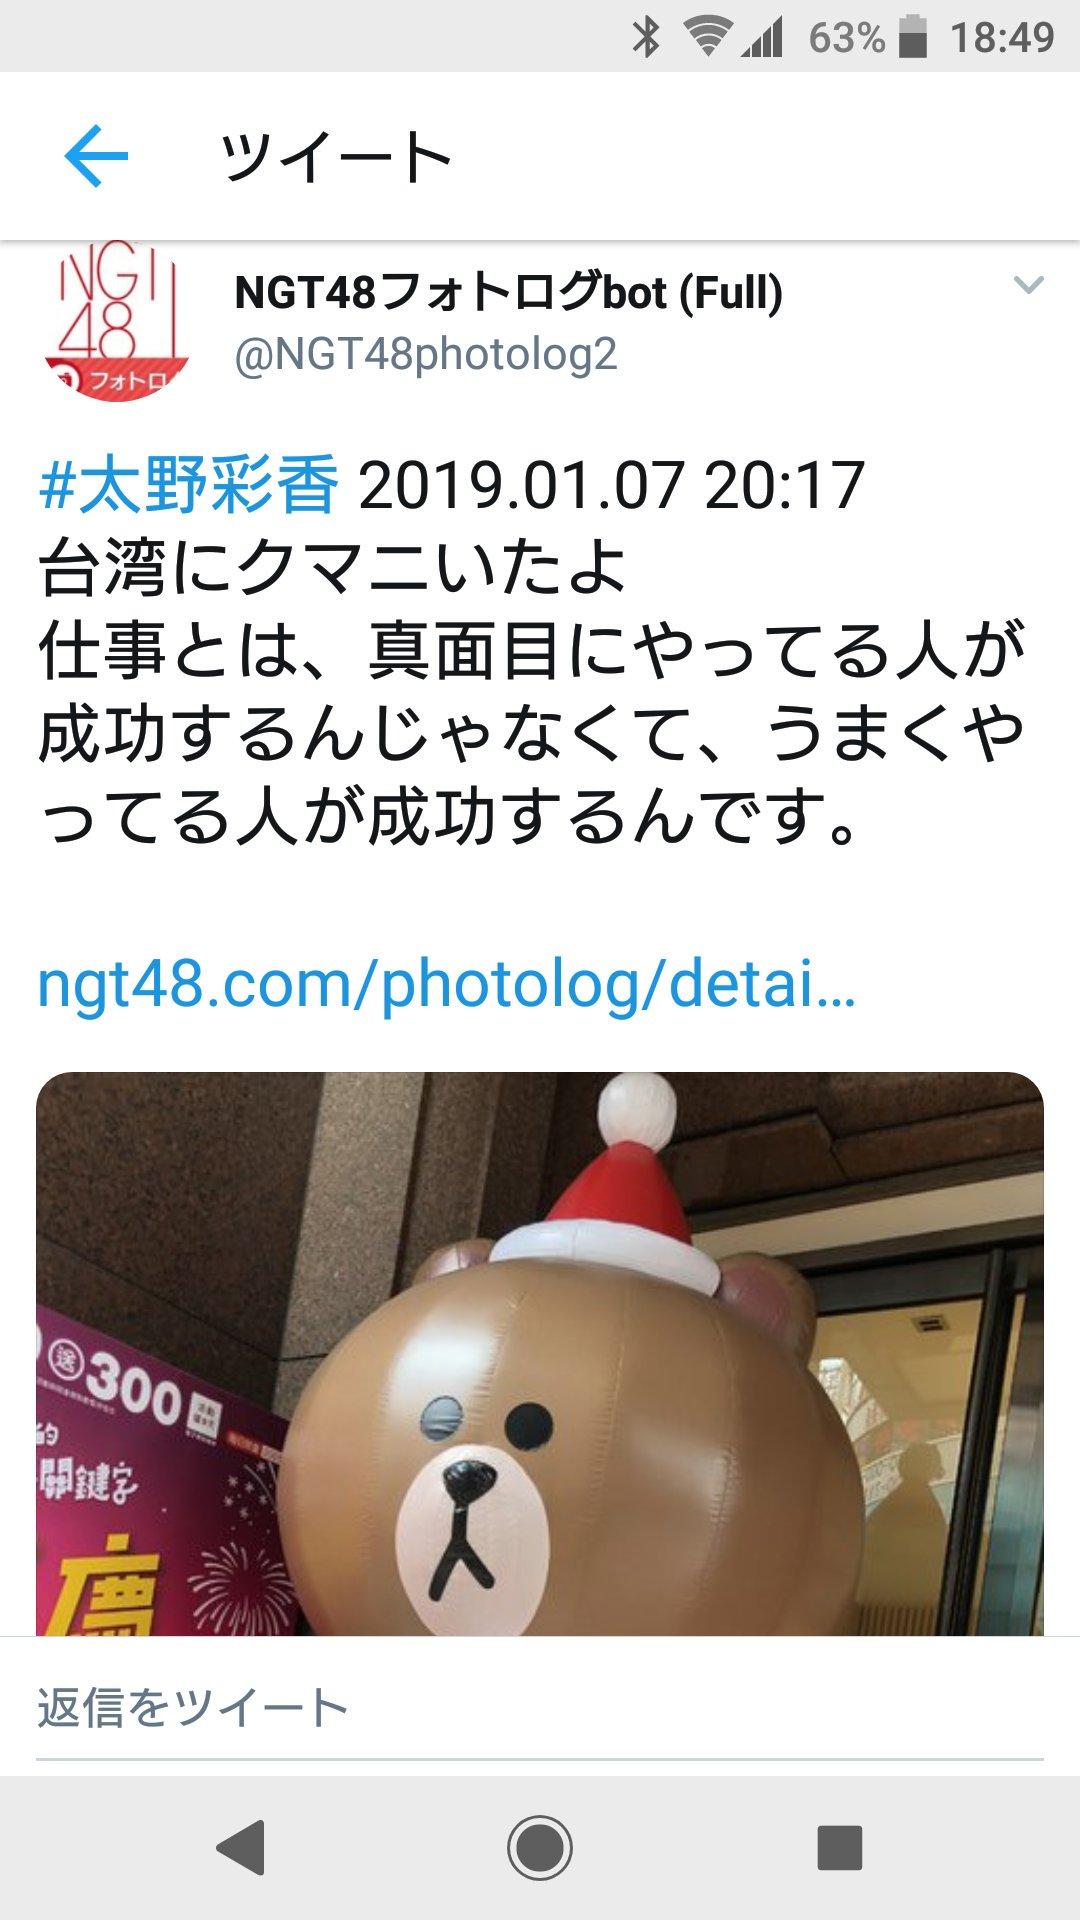 画像,1枚目が山口真帆ちゃんのSHOWROOMでのコメント、2枚目と3枚目が太野彩香ちゃんのNGT48モバイルでのコメント、4枚目が報道後の運営のコメントです。劇場公…